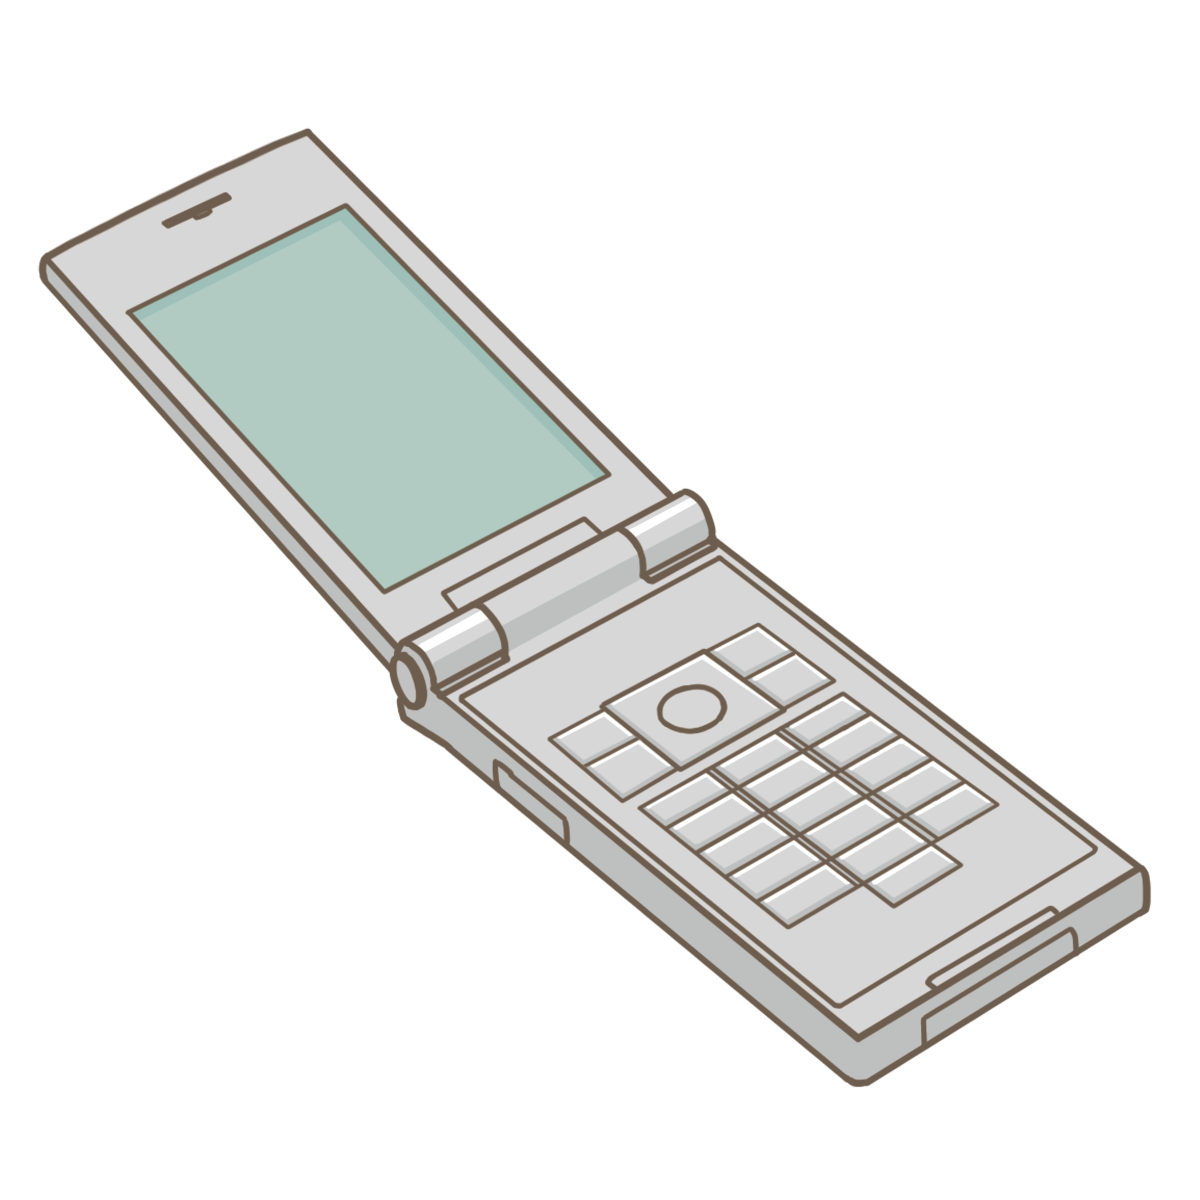 携帯電話のイラストフリー素材看護rooカンゴルー